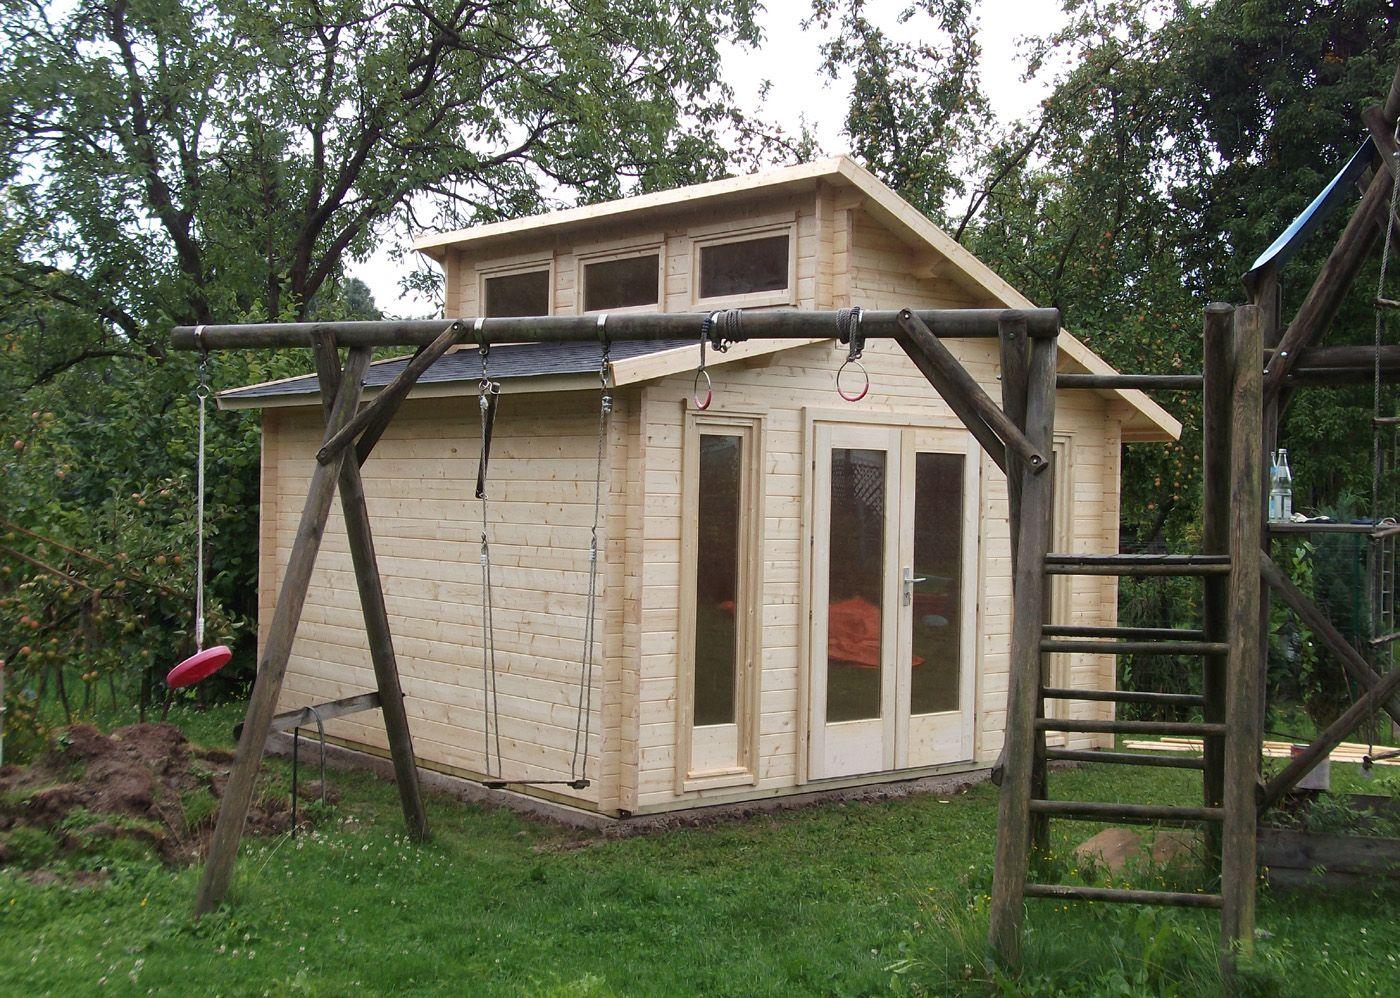 naturholz pultdach gartenhaus im garten auf dem spielger st mit schaukel haben auch die kleinst. Black Bedroom Furniture Sets. Home Design Ideas